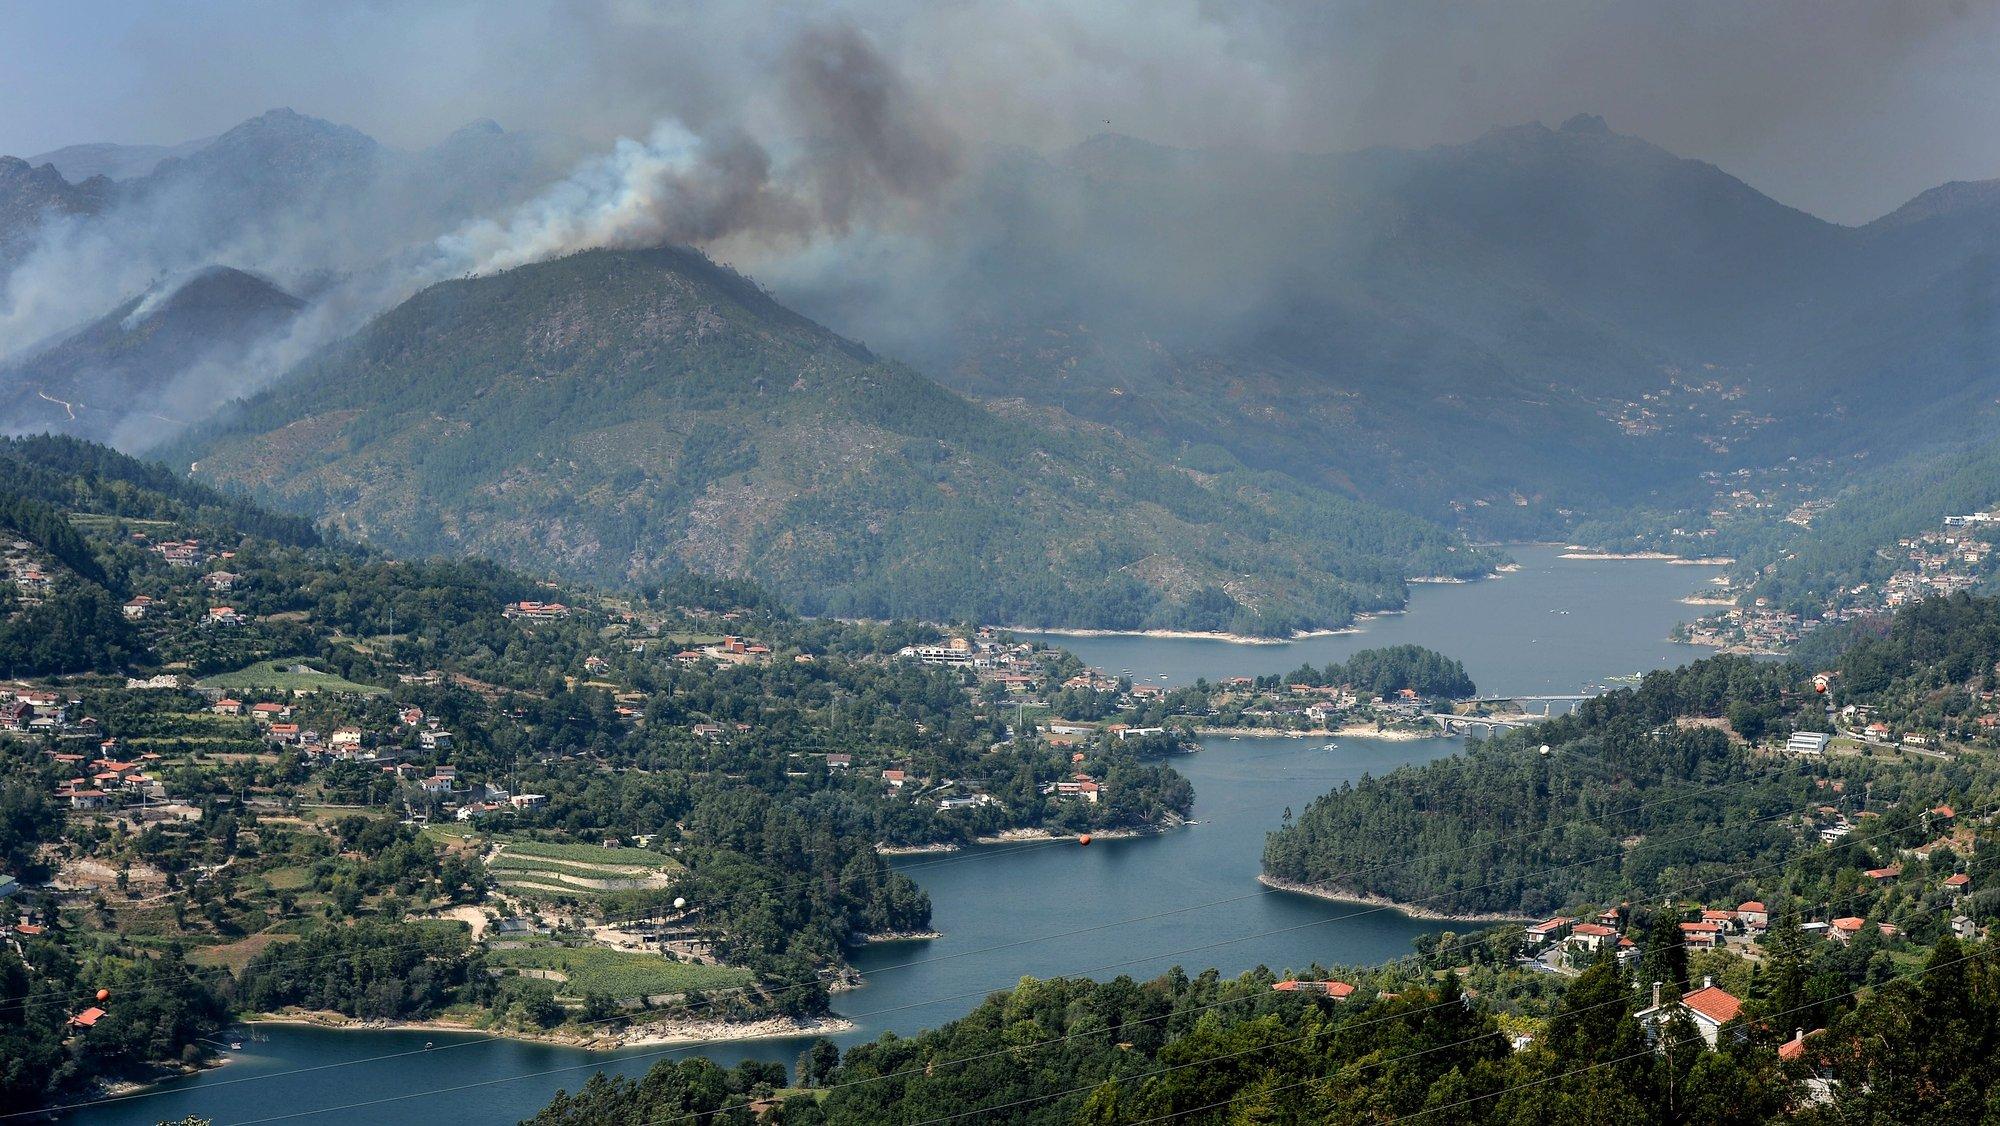 Mais de 100 operacionais, apoiados por dez meios aéreos, combatem um incêndio em Terras do Bouro, distrito de Braga, Parque natural da Peneda Geres..21 agosto 2017.HUGO DELGADO/LUSA